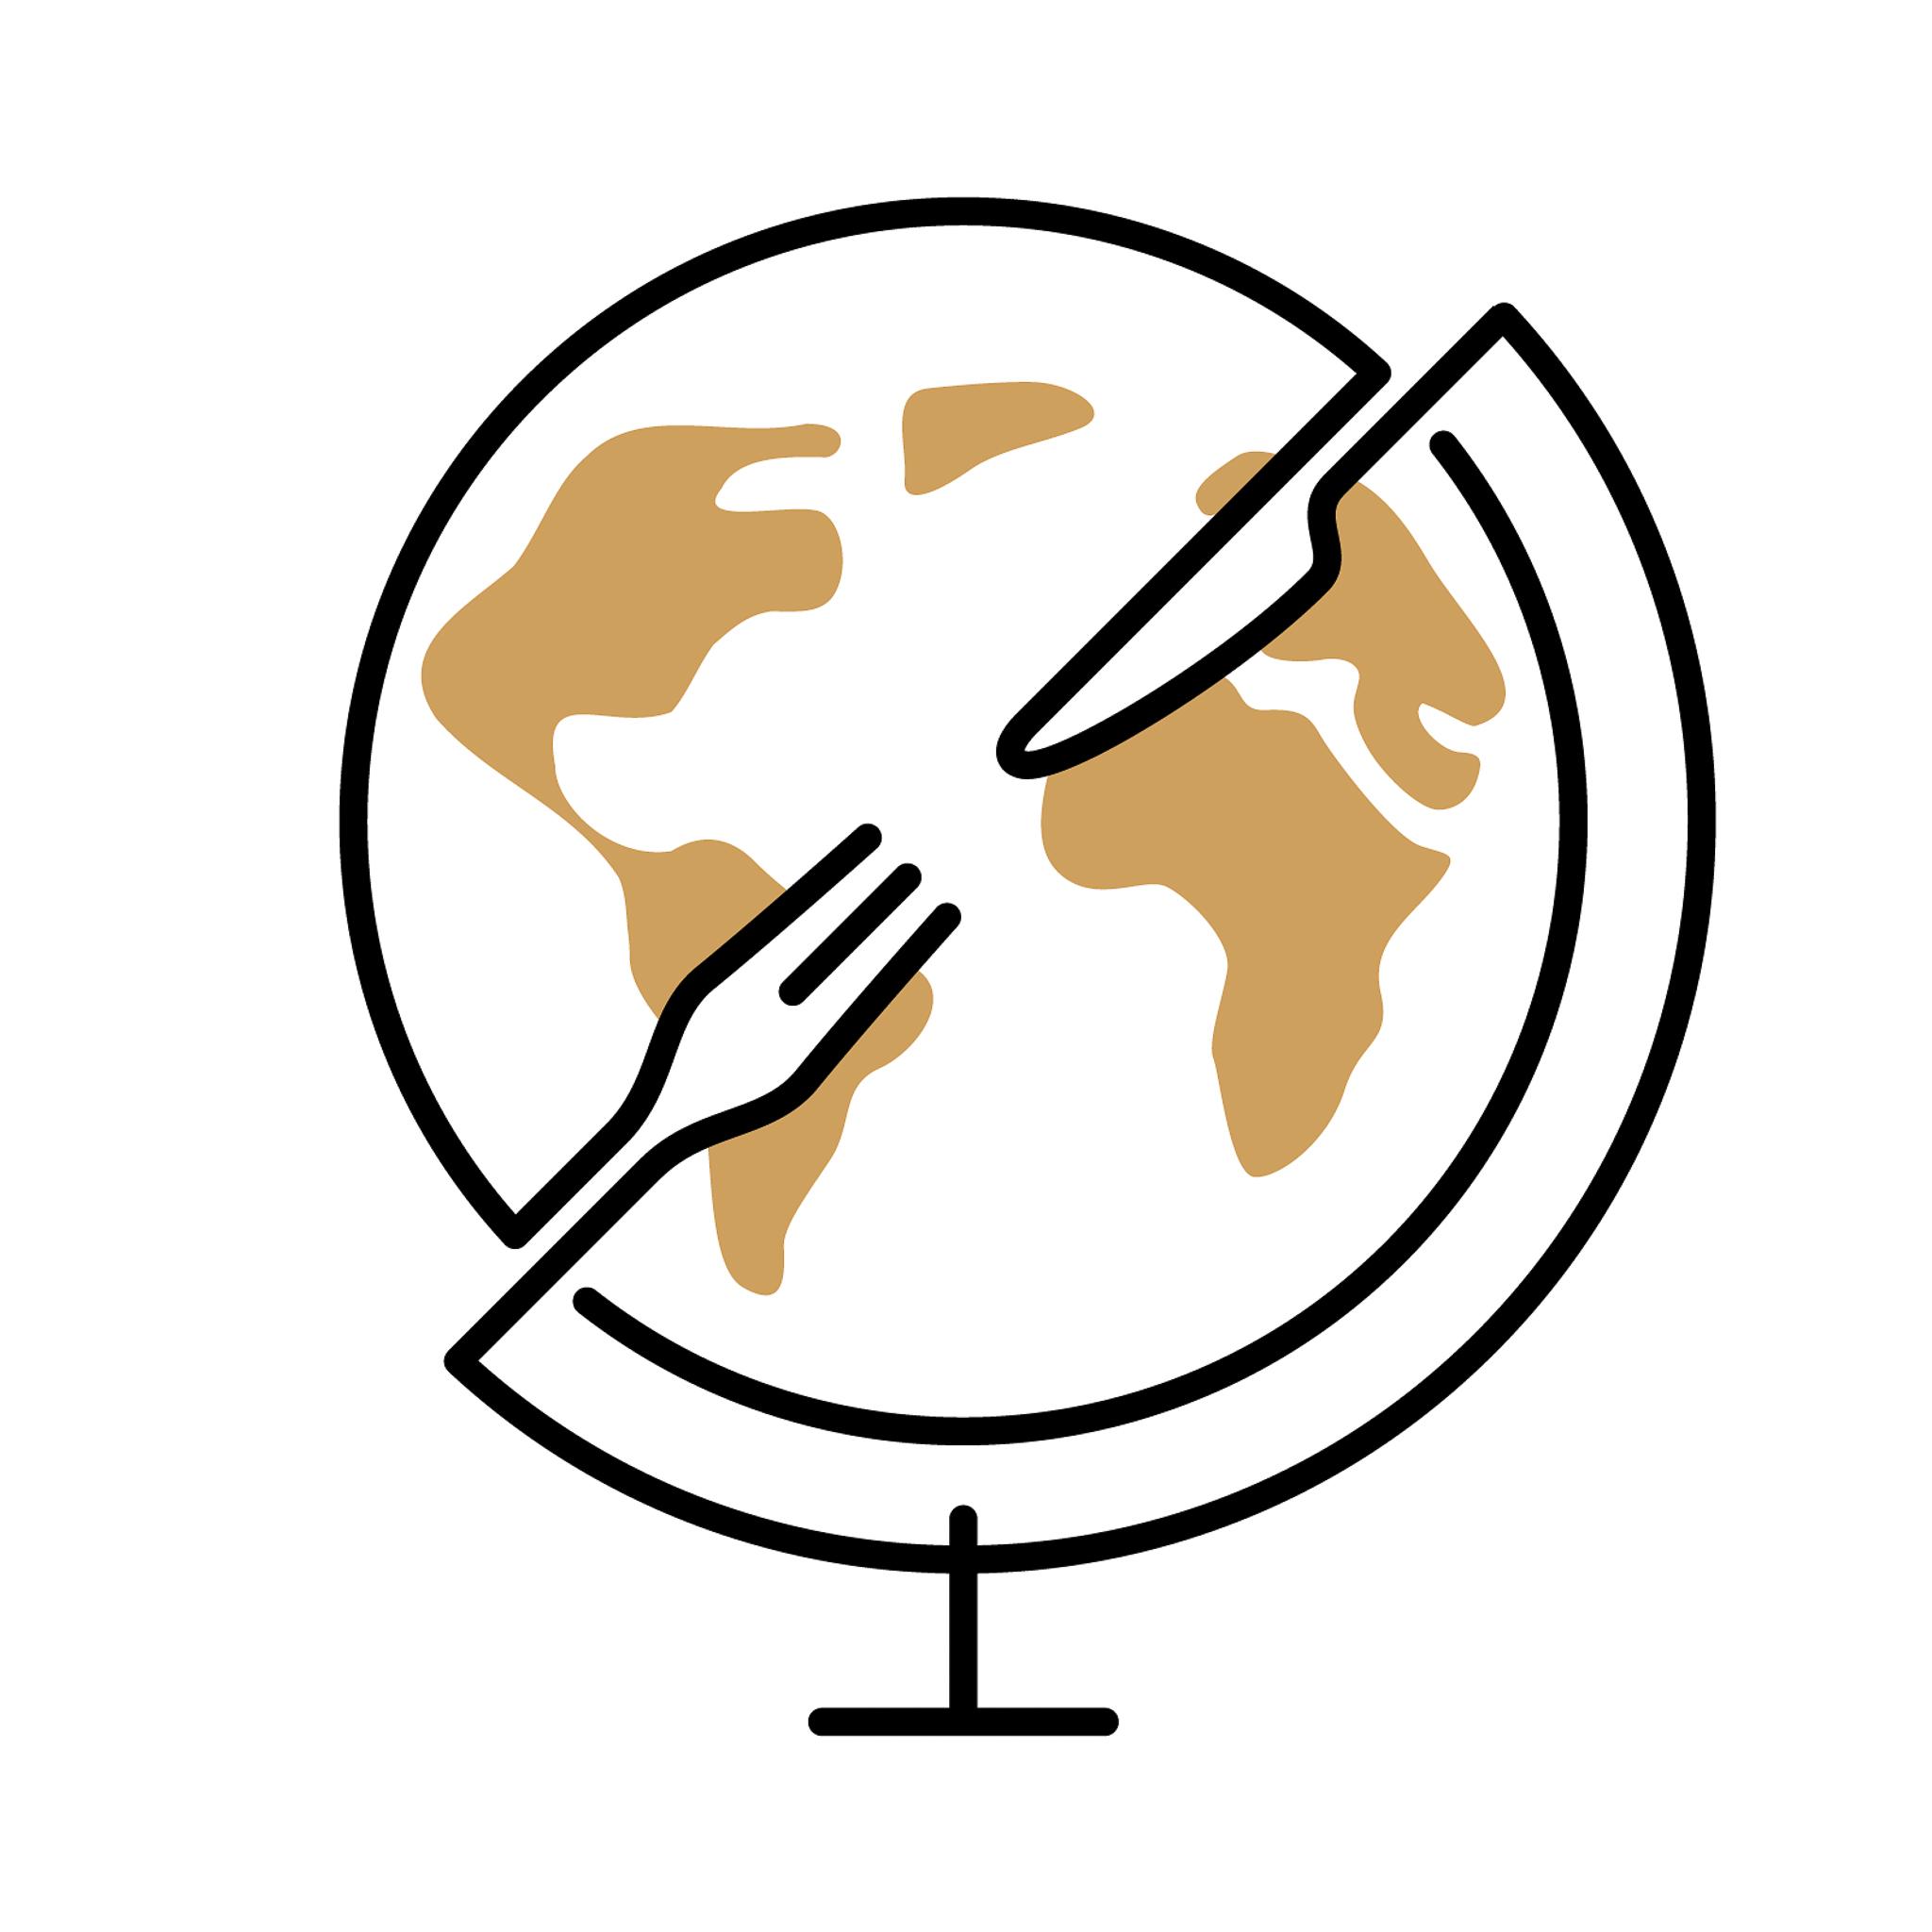 Logo sygnet nowe 2020